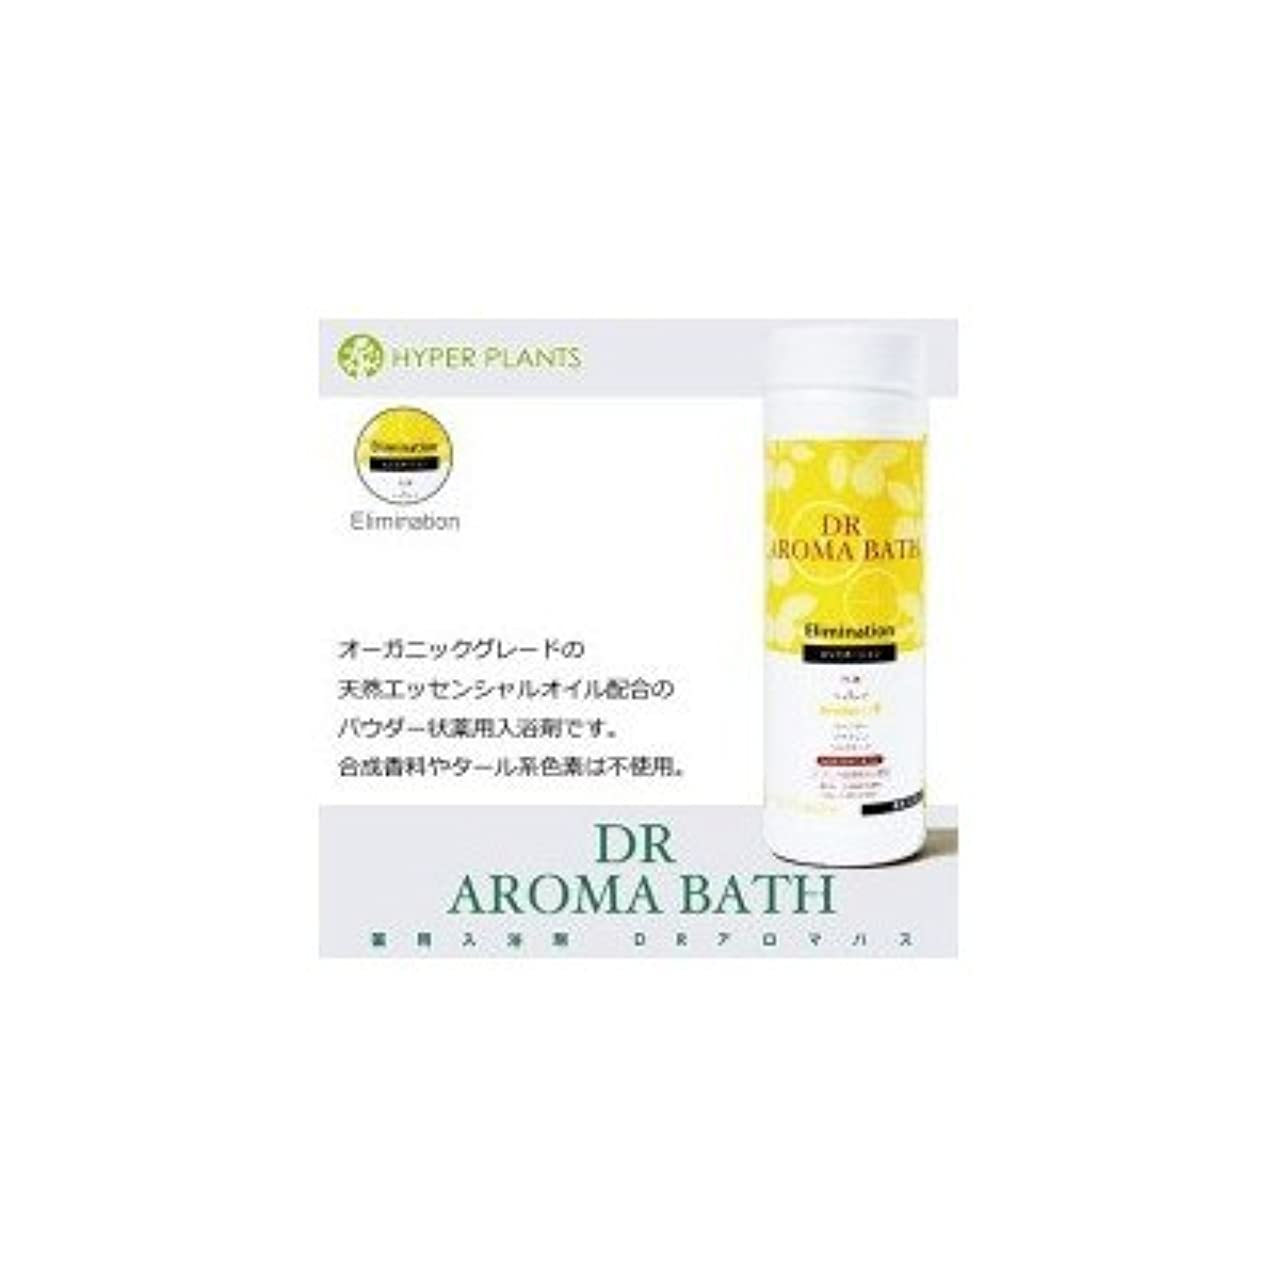 エラー没頭するフィードオン医薬部外品 薬用入浴剤 ハイパープランツ(HYPER PLANTS) DRアロマバス エリミネーション 500g HNB006